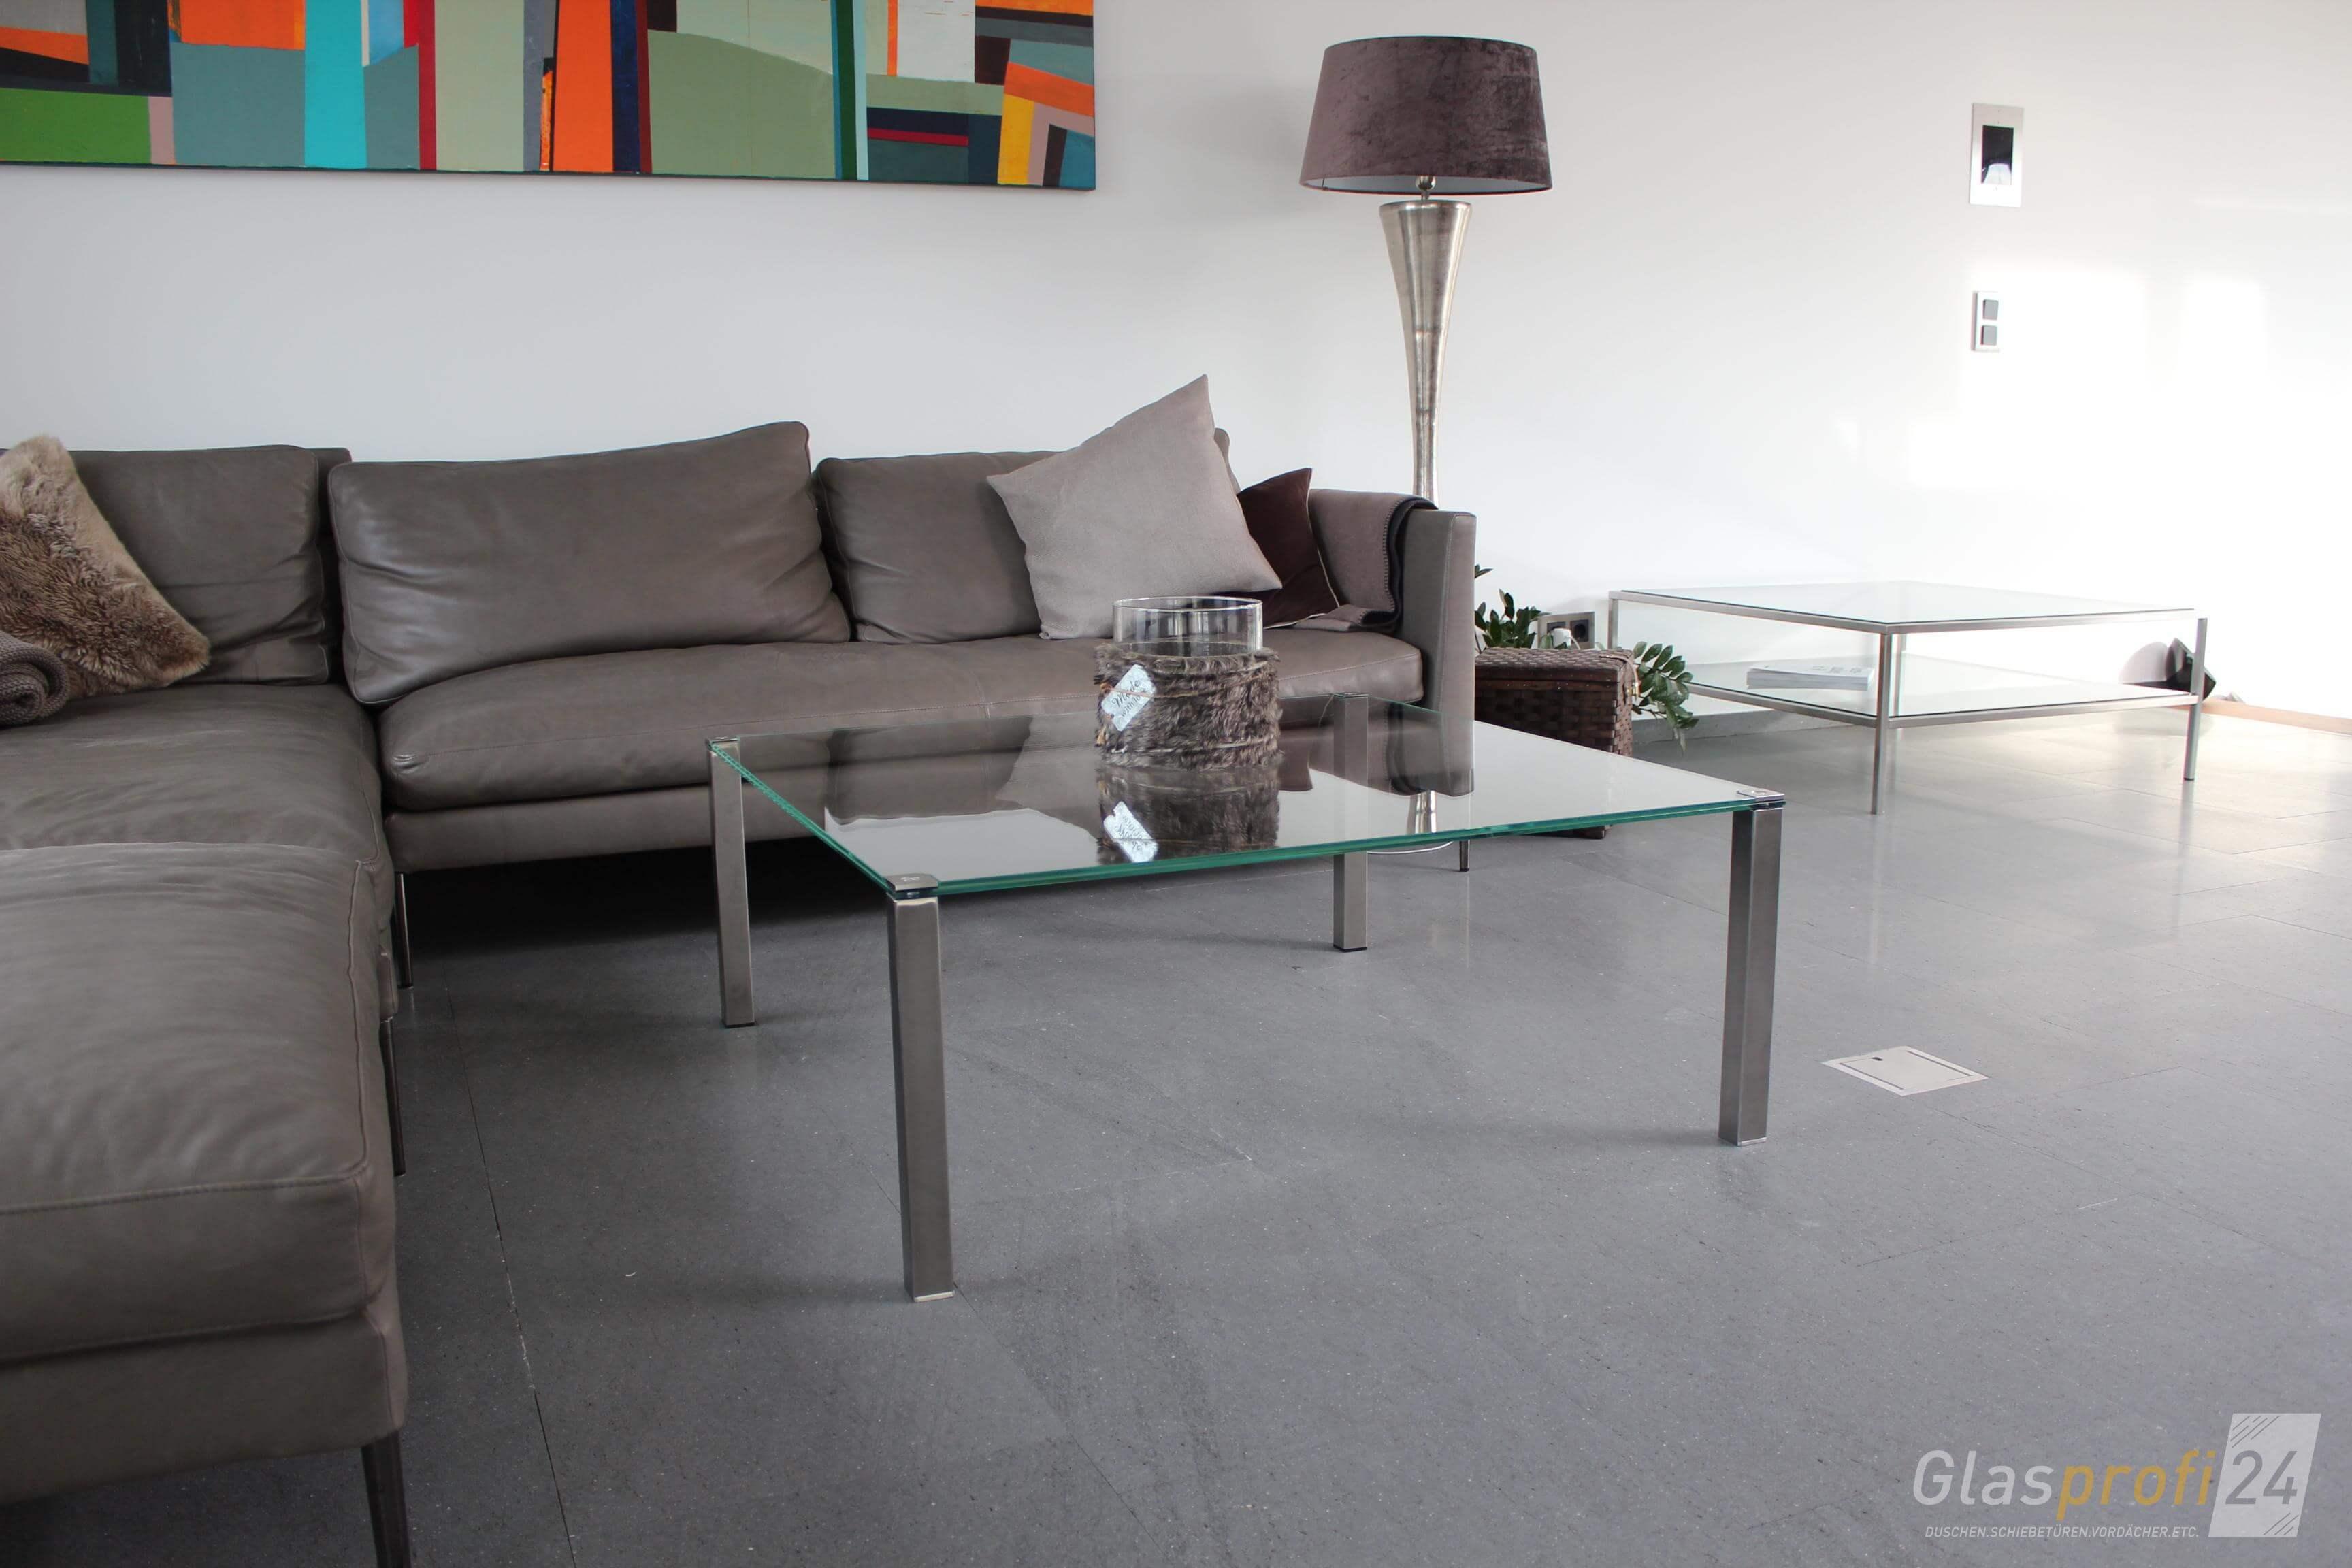 wohnzimmer glastisch glastisch wohnzimmer in germersheim. Black Bedroom Furniture Sets. Home Design Ideas